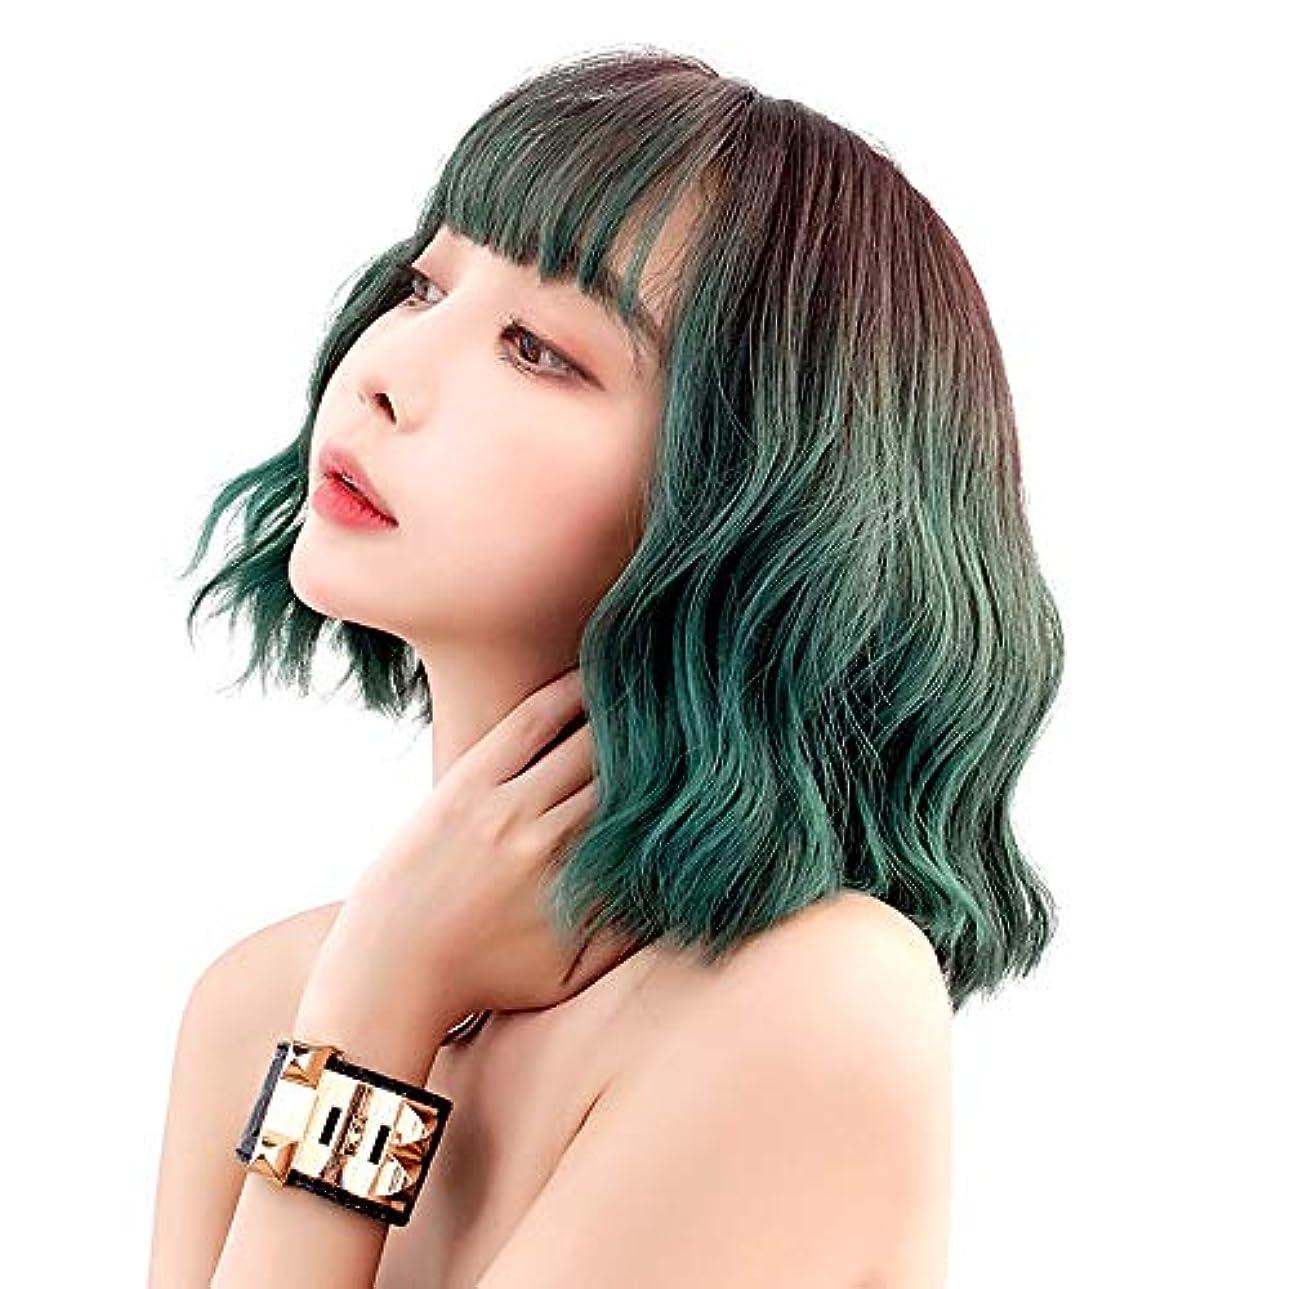 安全でない磁石レイプSRY-Wigファッション ファッションショート人間の髪の毛のかつらカーリー波前髪ヘアウィッグと17インチグラデーショングリーンショートウィッグ